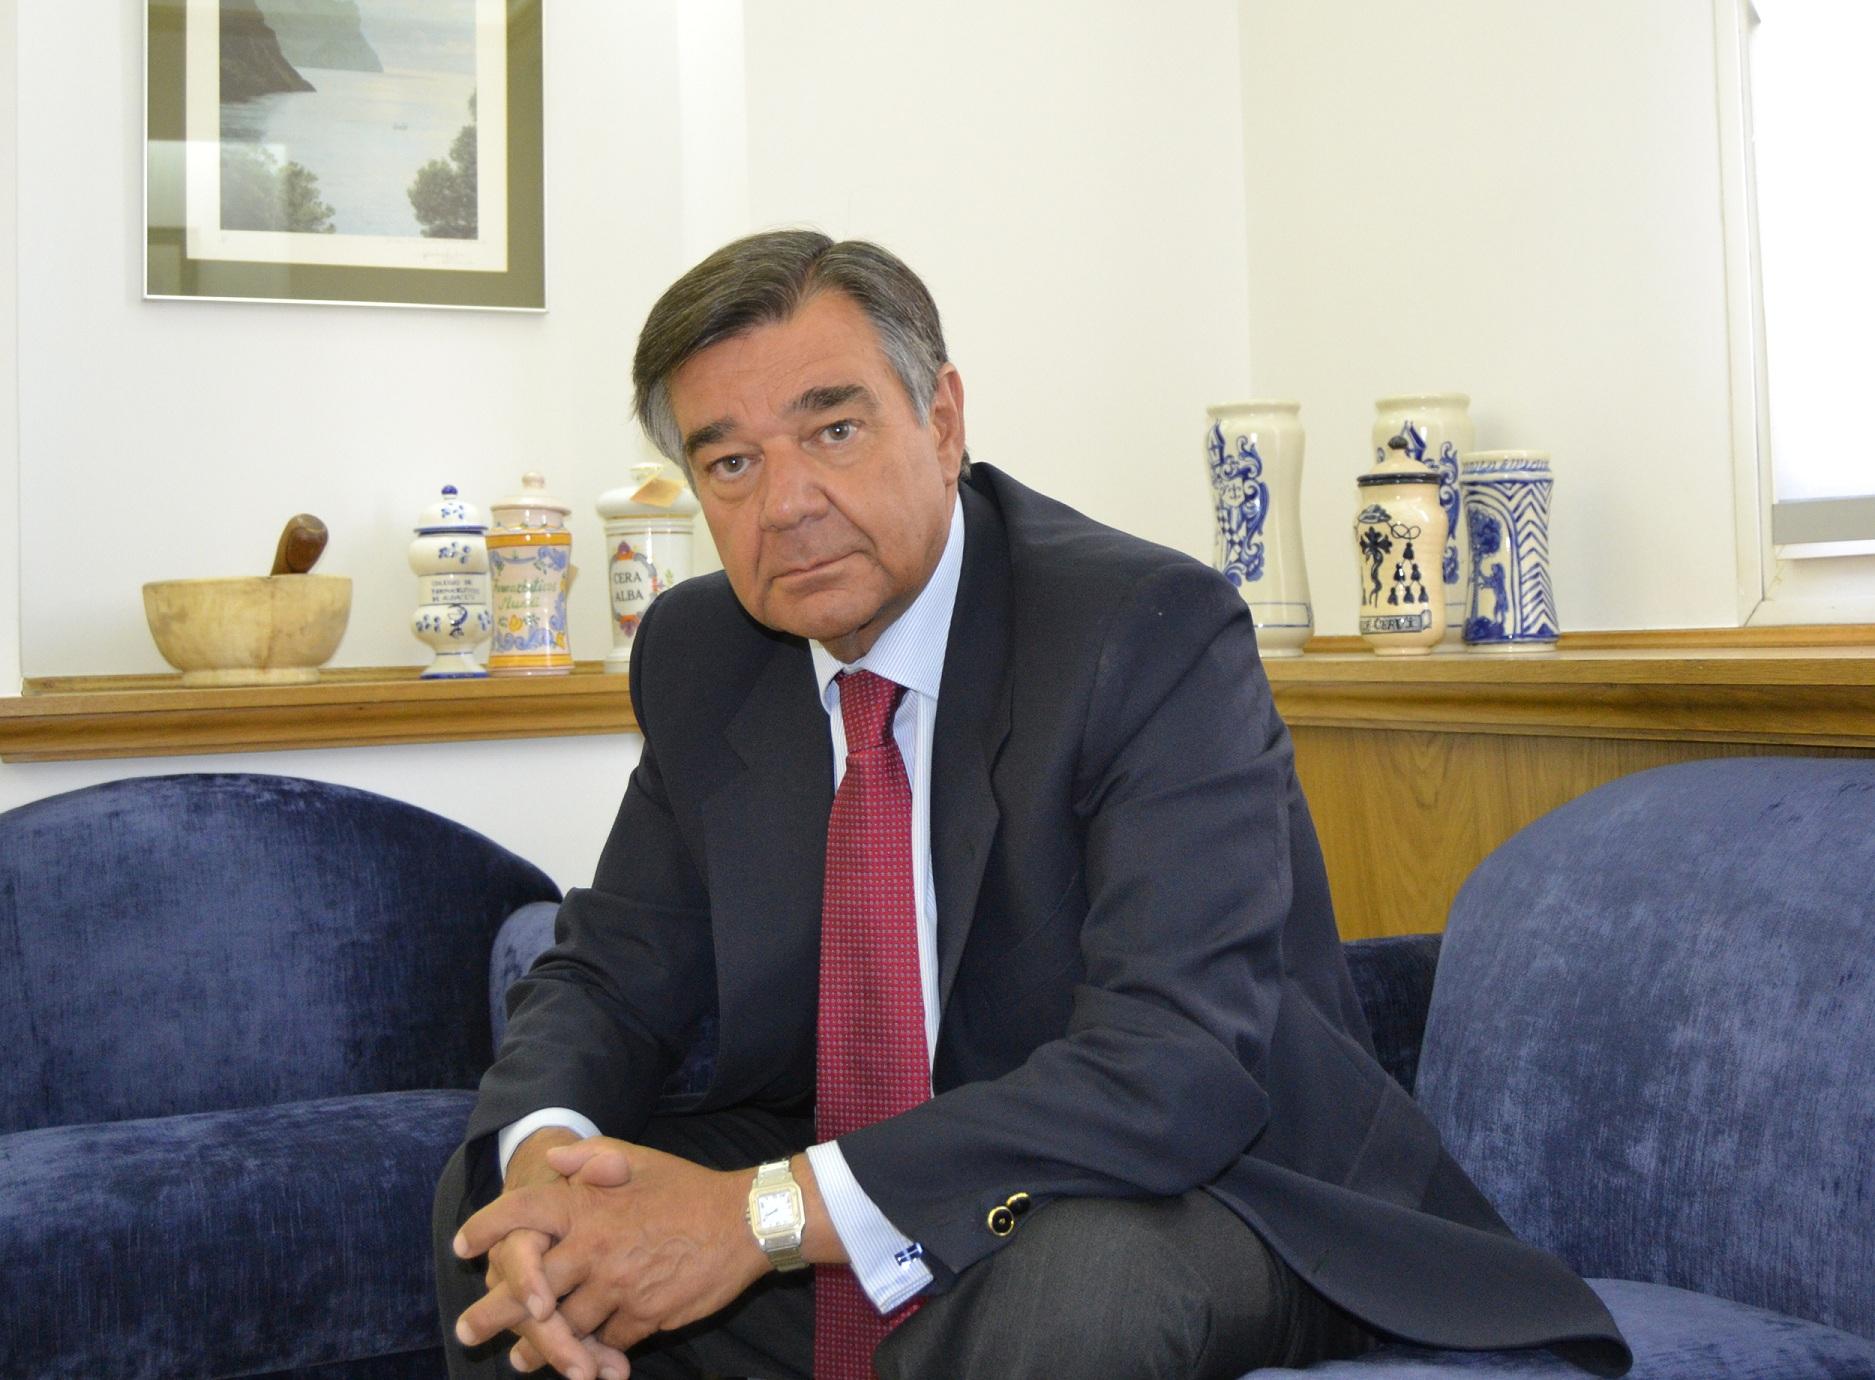 Luis-g1